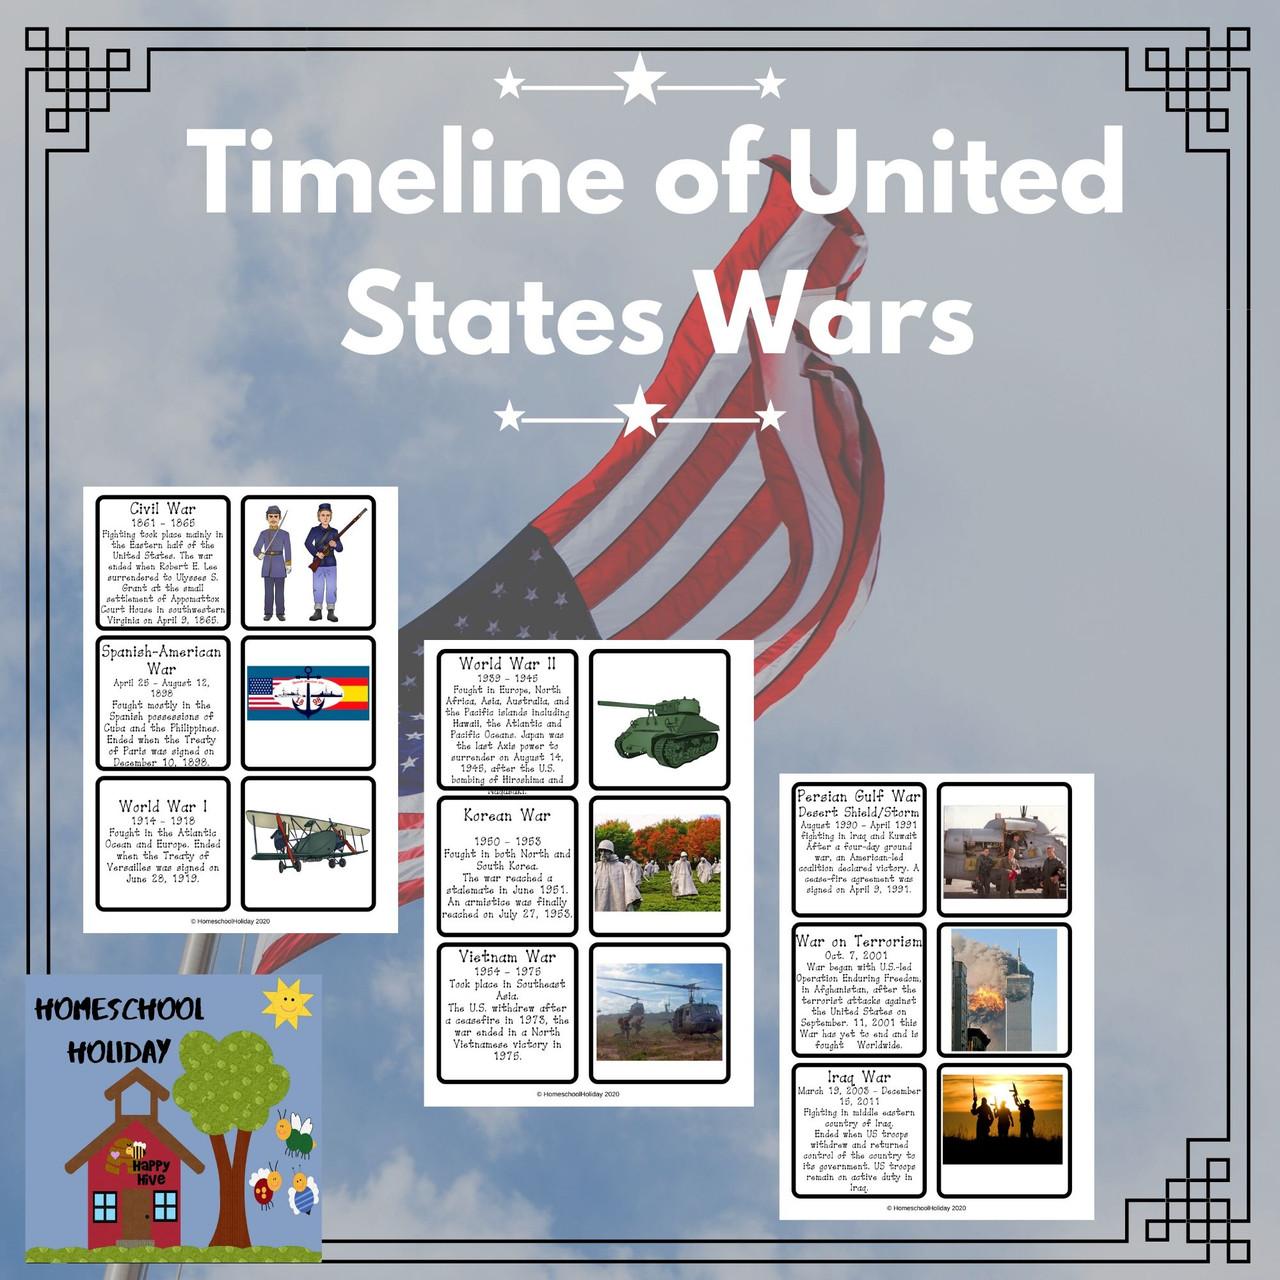 Timeline of US Wars